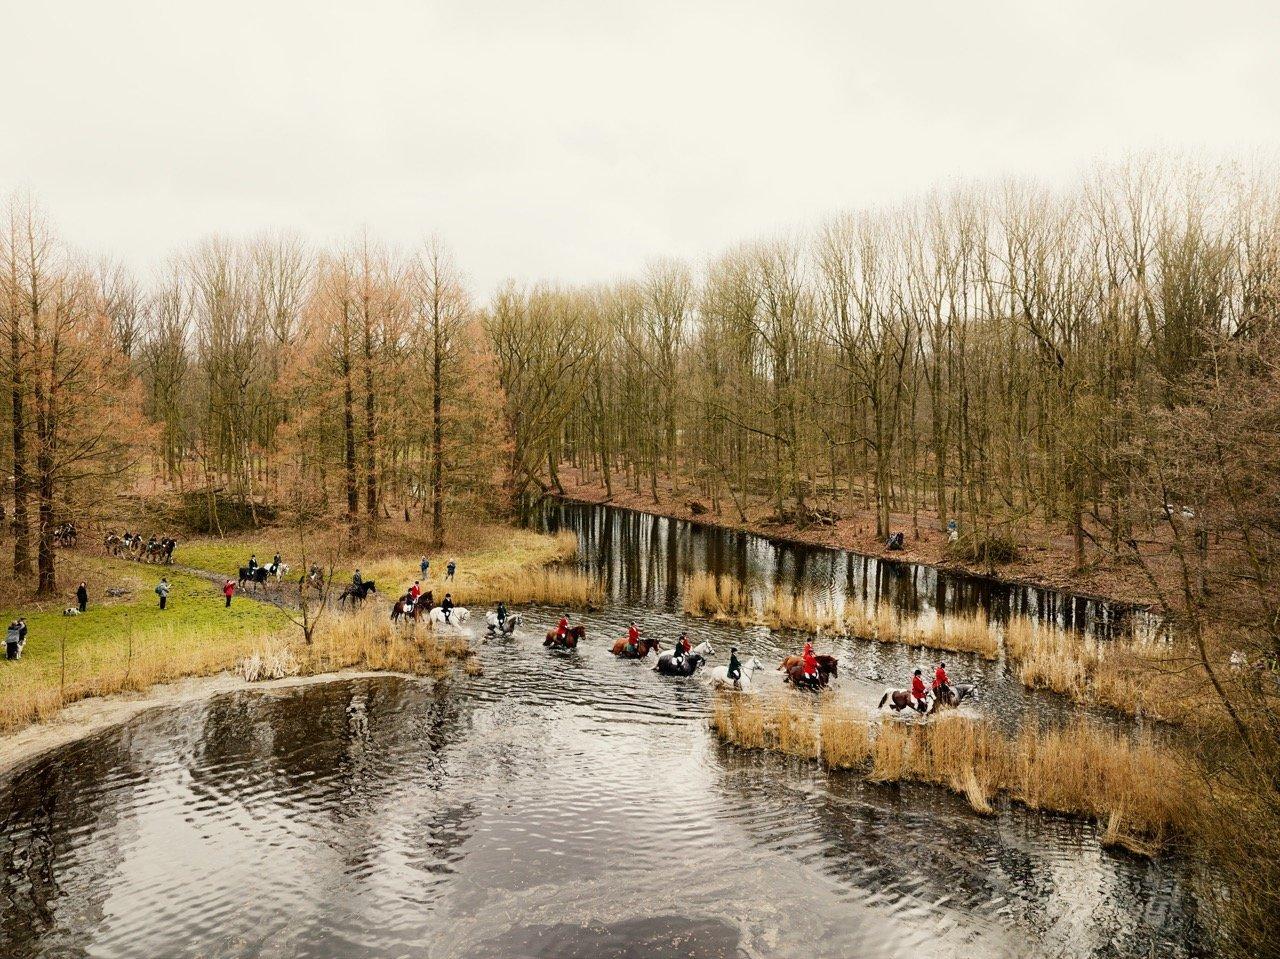 Amsterdamse Bos from the series Park © Jeroen Hofman